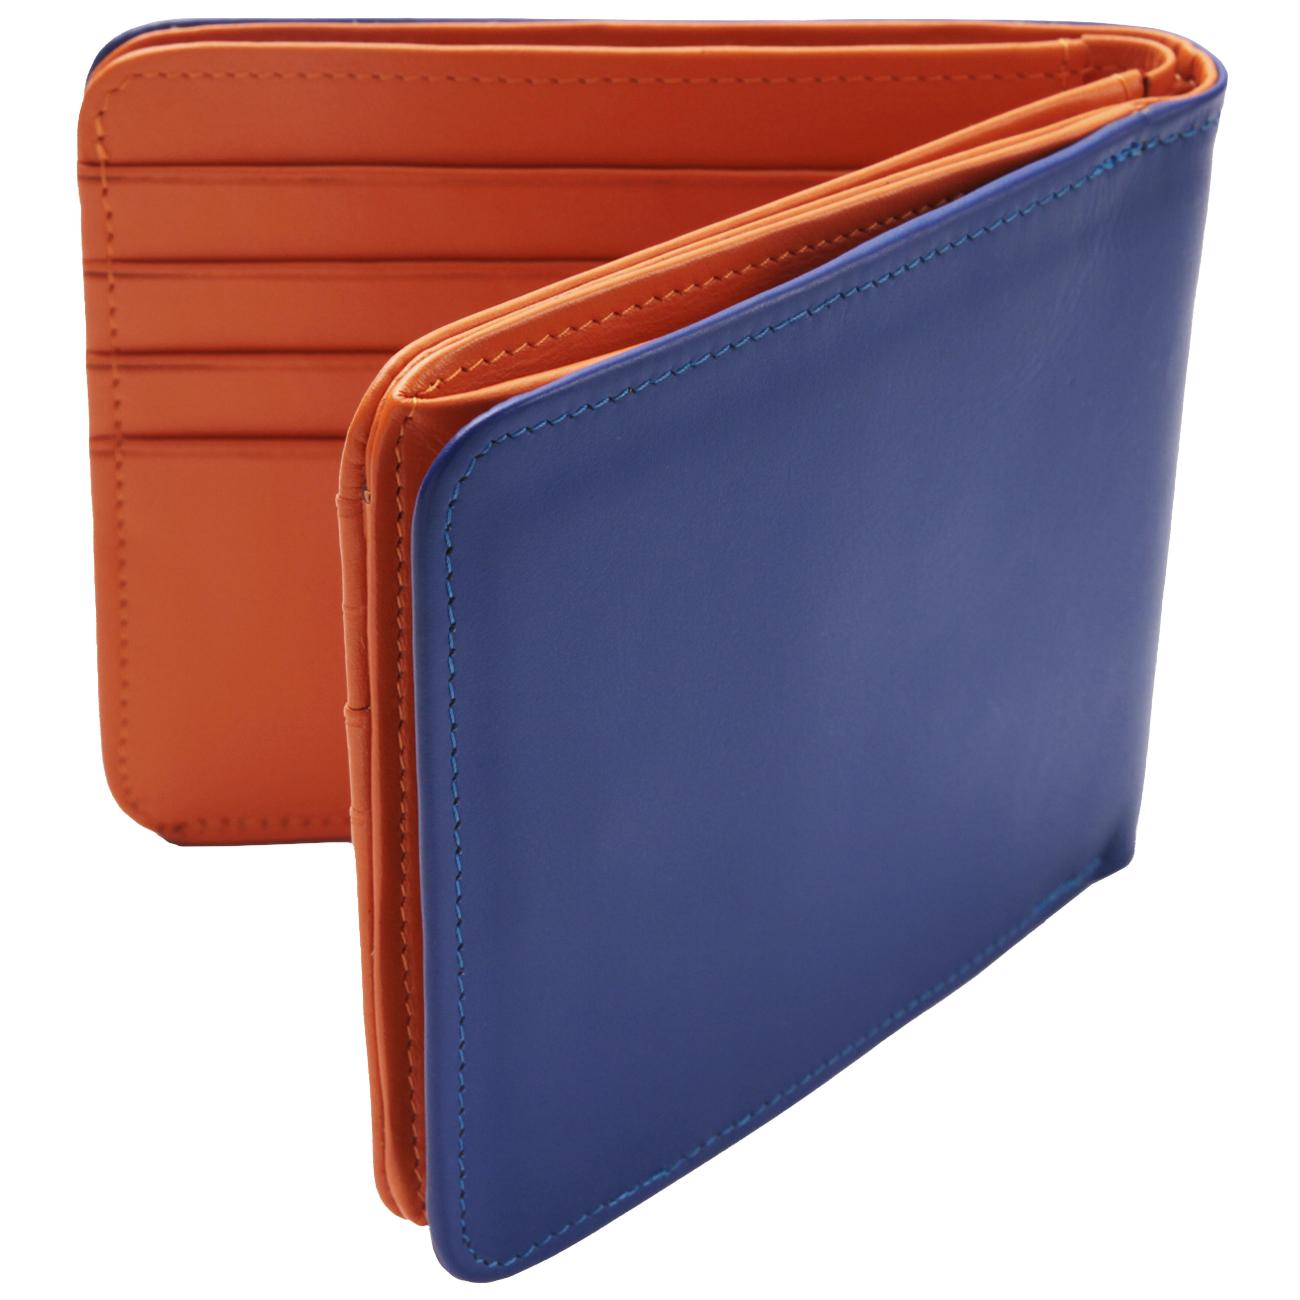 【TRACUS(トラッカス)】二つ折り財布 ボックス型小銭入れ